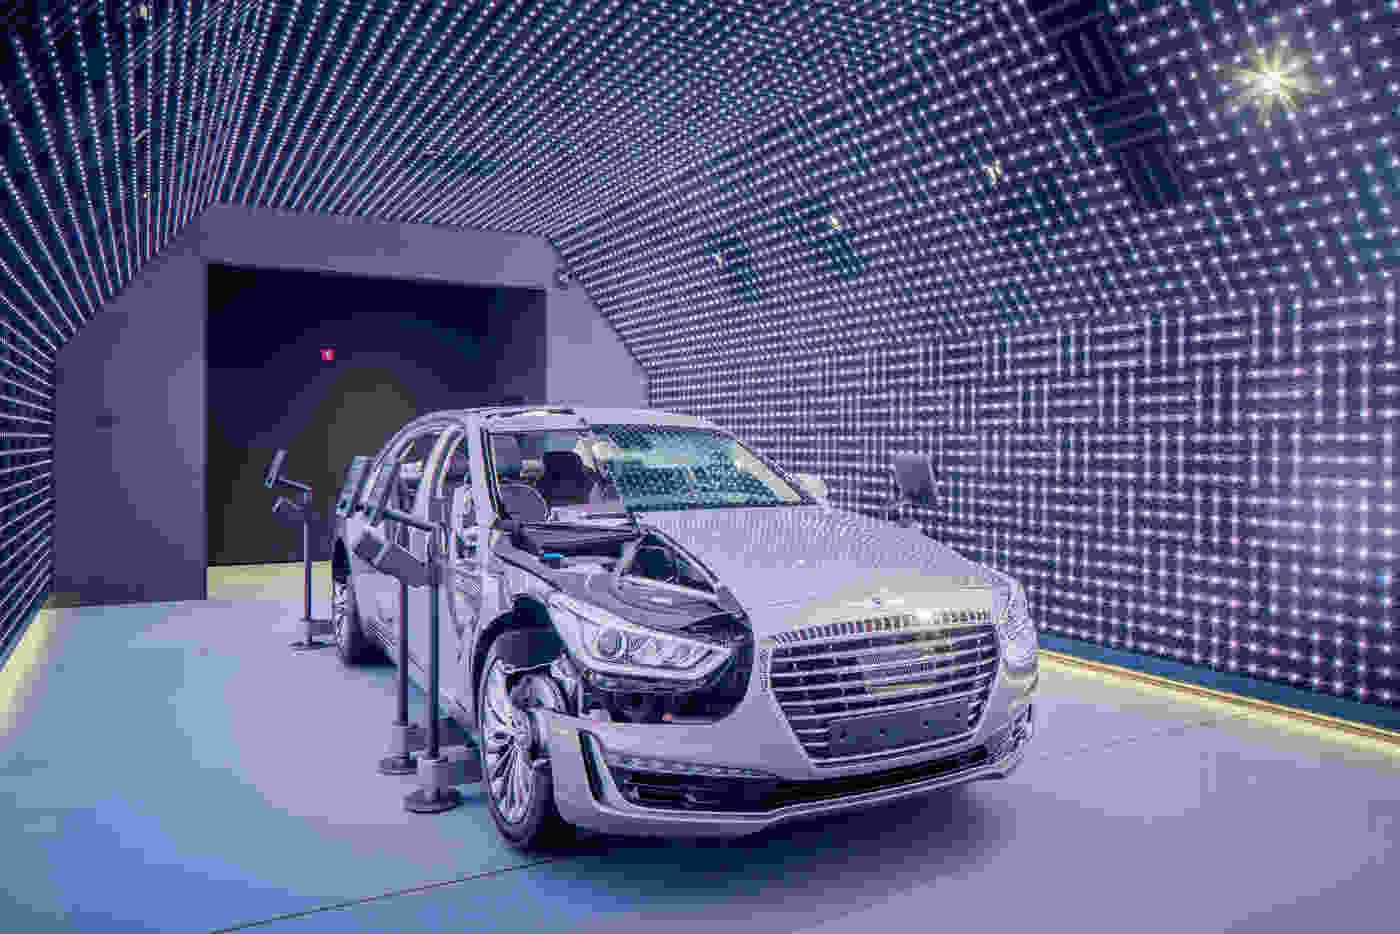 257 Hyundai Motorstudio Goyang Raphael Olivier 6216 exhibition